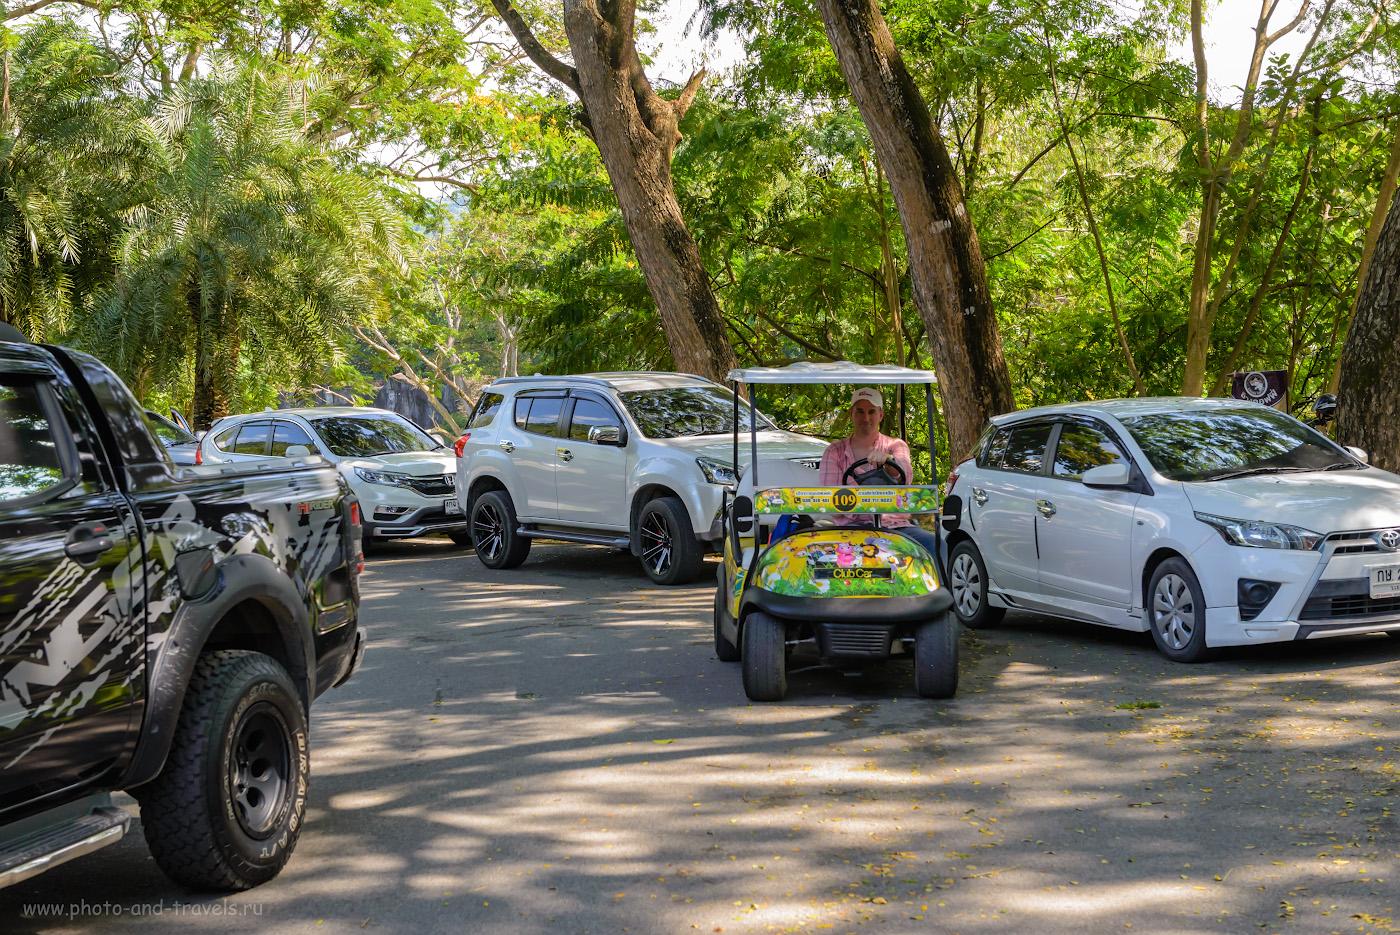 Фото 5. Самый удобный способ перемещаться по территории открытого зоопарка «Кхао Кхео» - взять в аренду электрическую машинку. 1/500, +0.67, 6.3, 1600, 50.